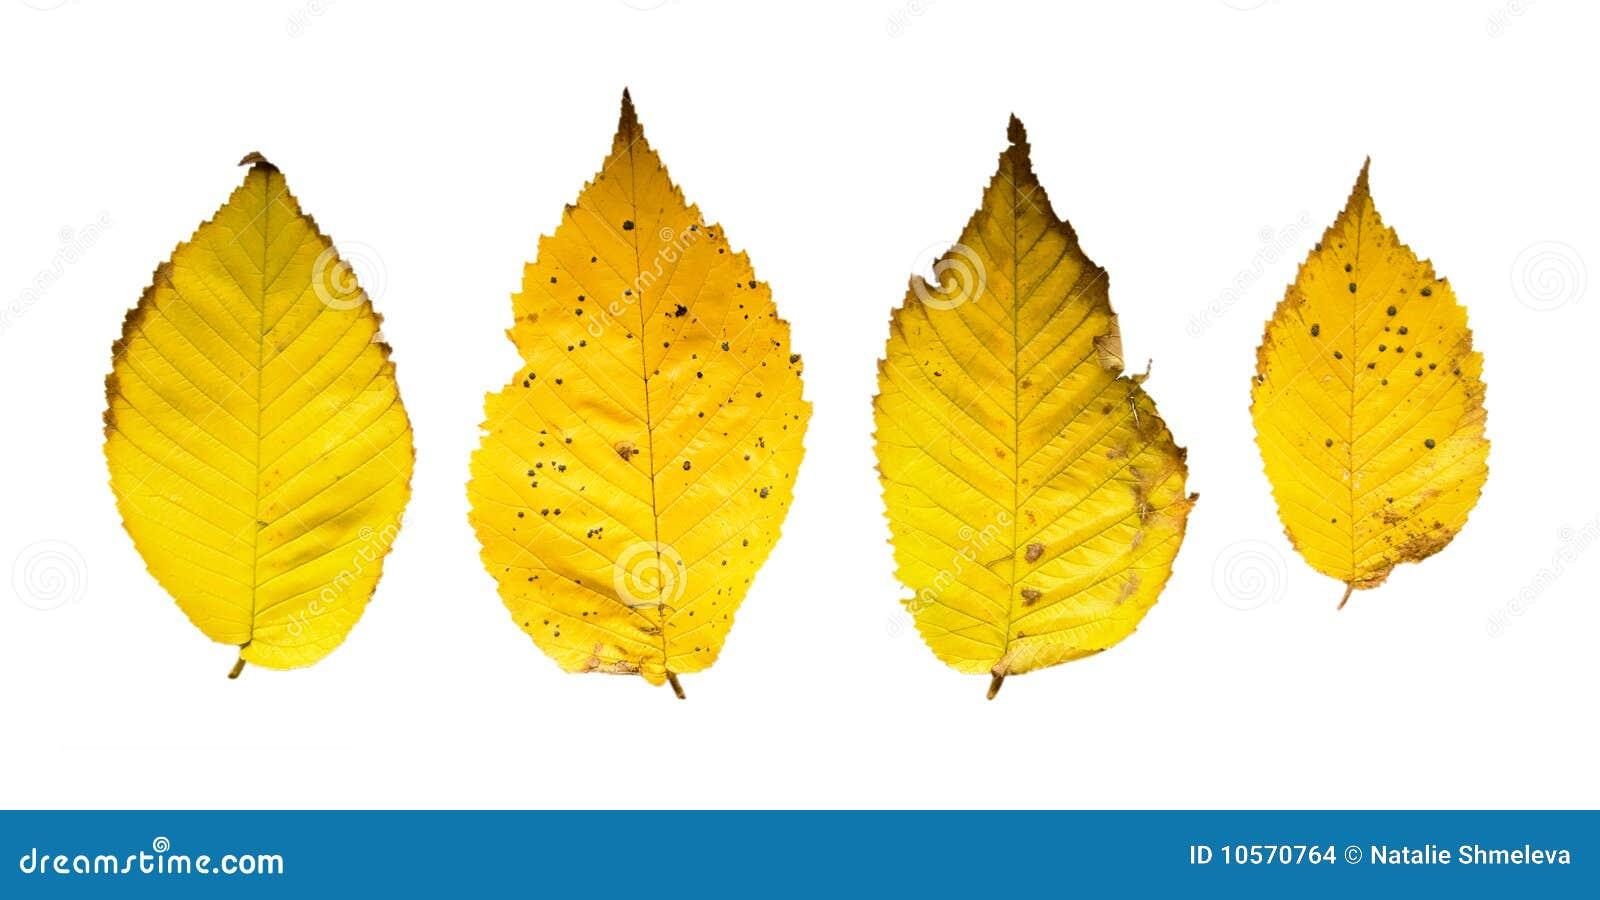 Fogli di colore giallo fotografia stock immagine di - Caduta fogli di colore stampabili ...